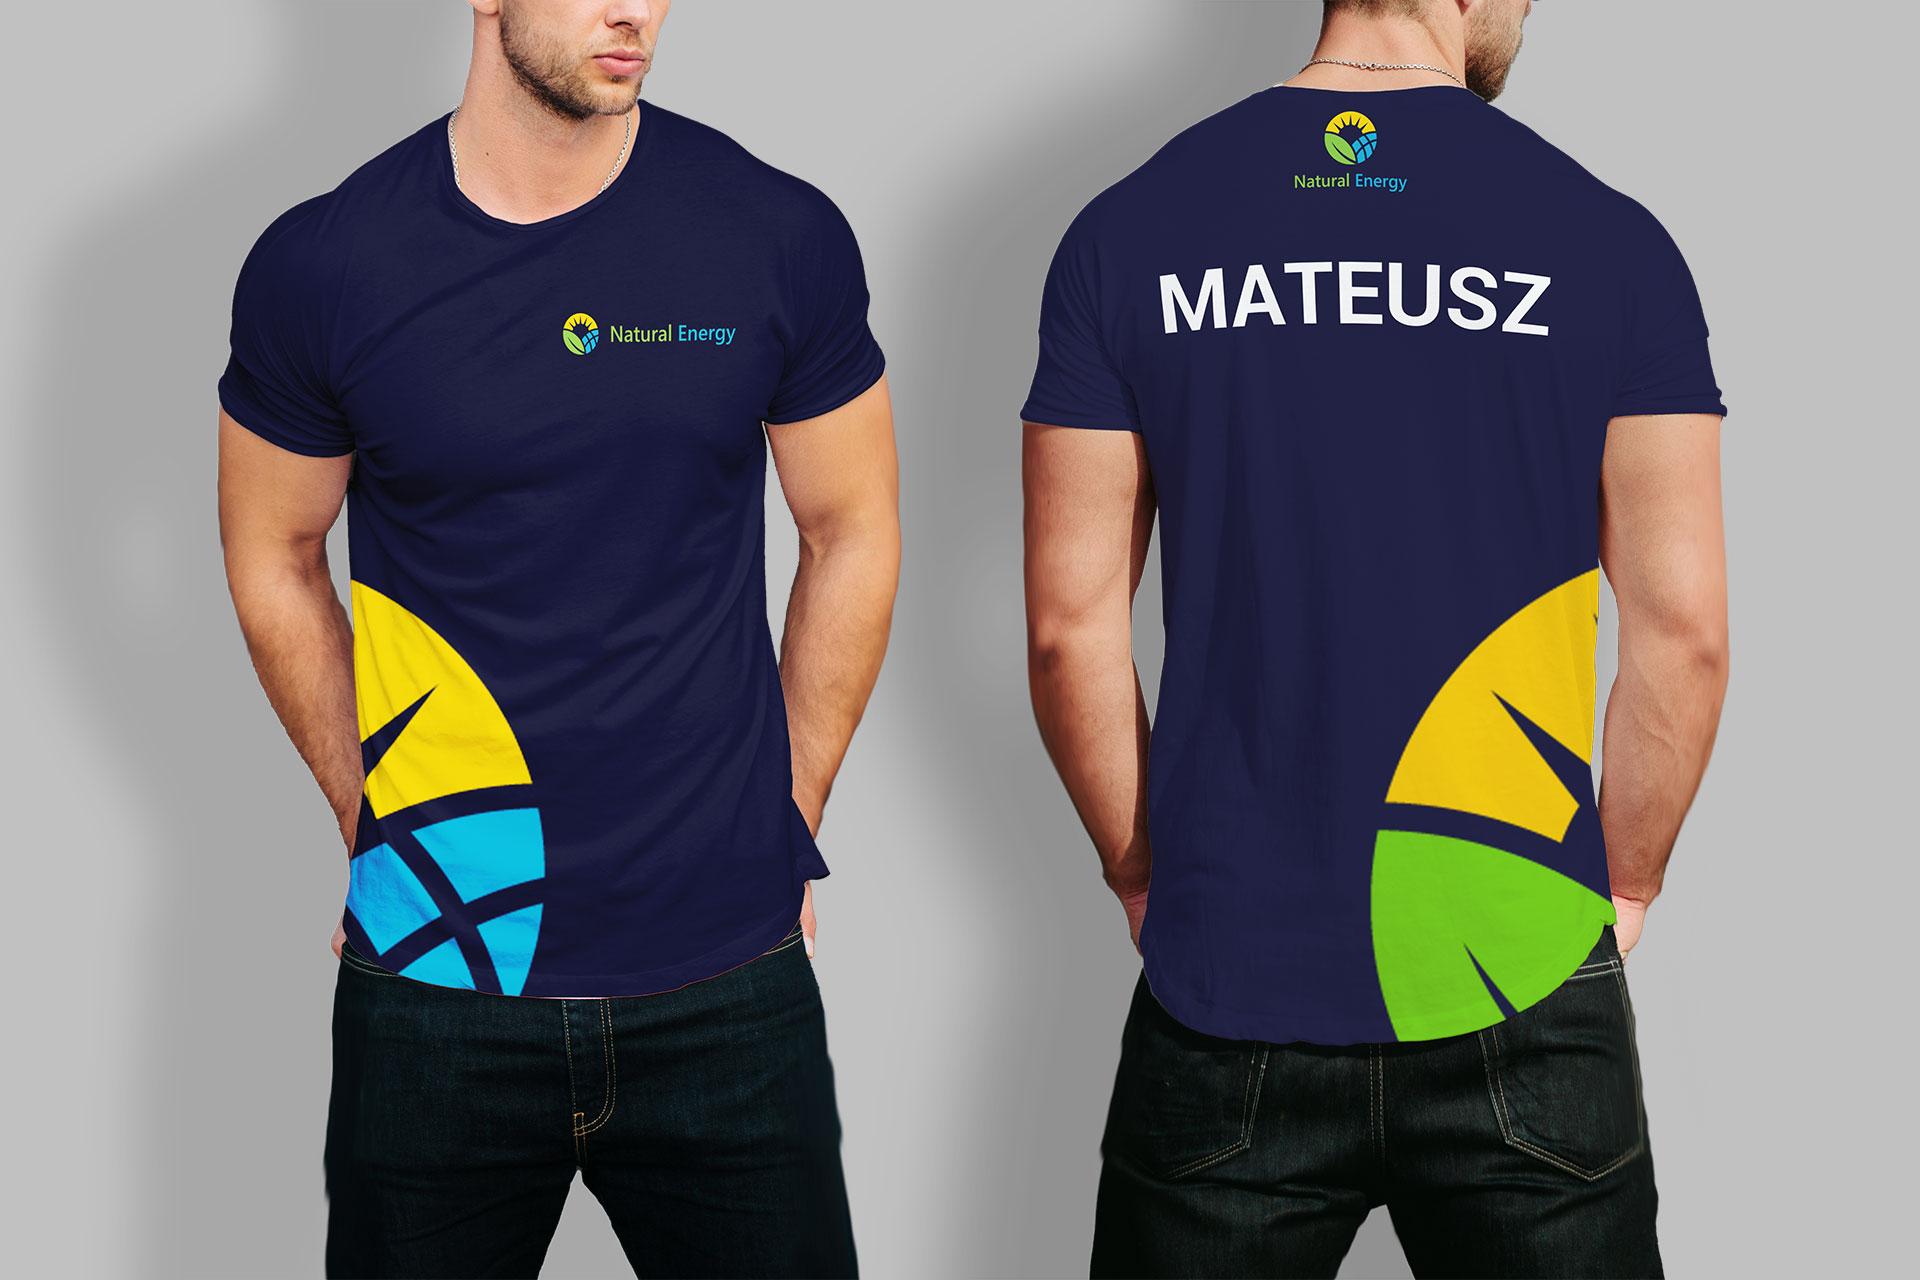 Projektowanie-graficzne-Natural-Energy-Odzież-firmowa-1